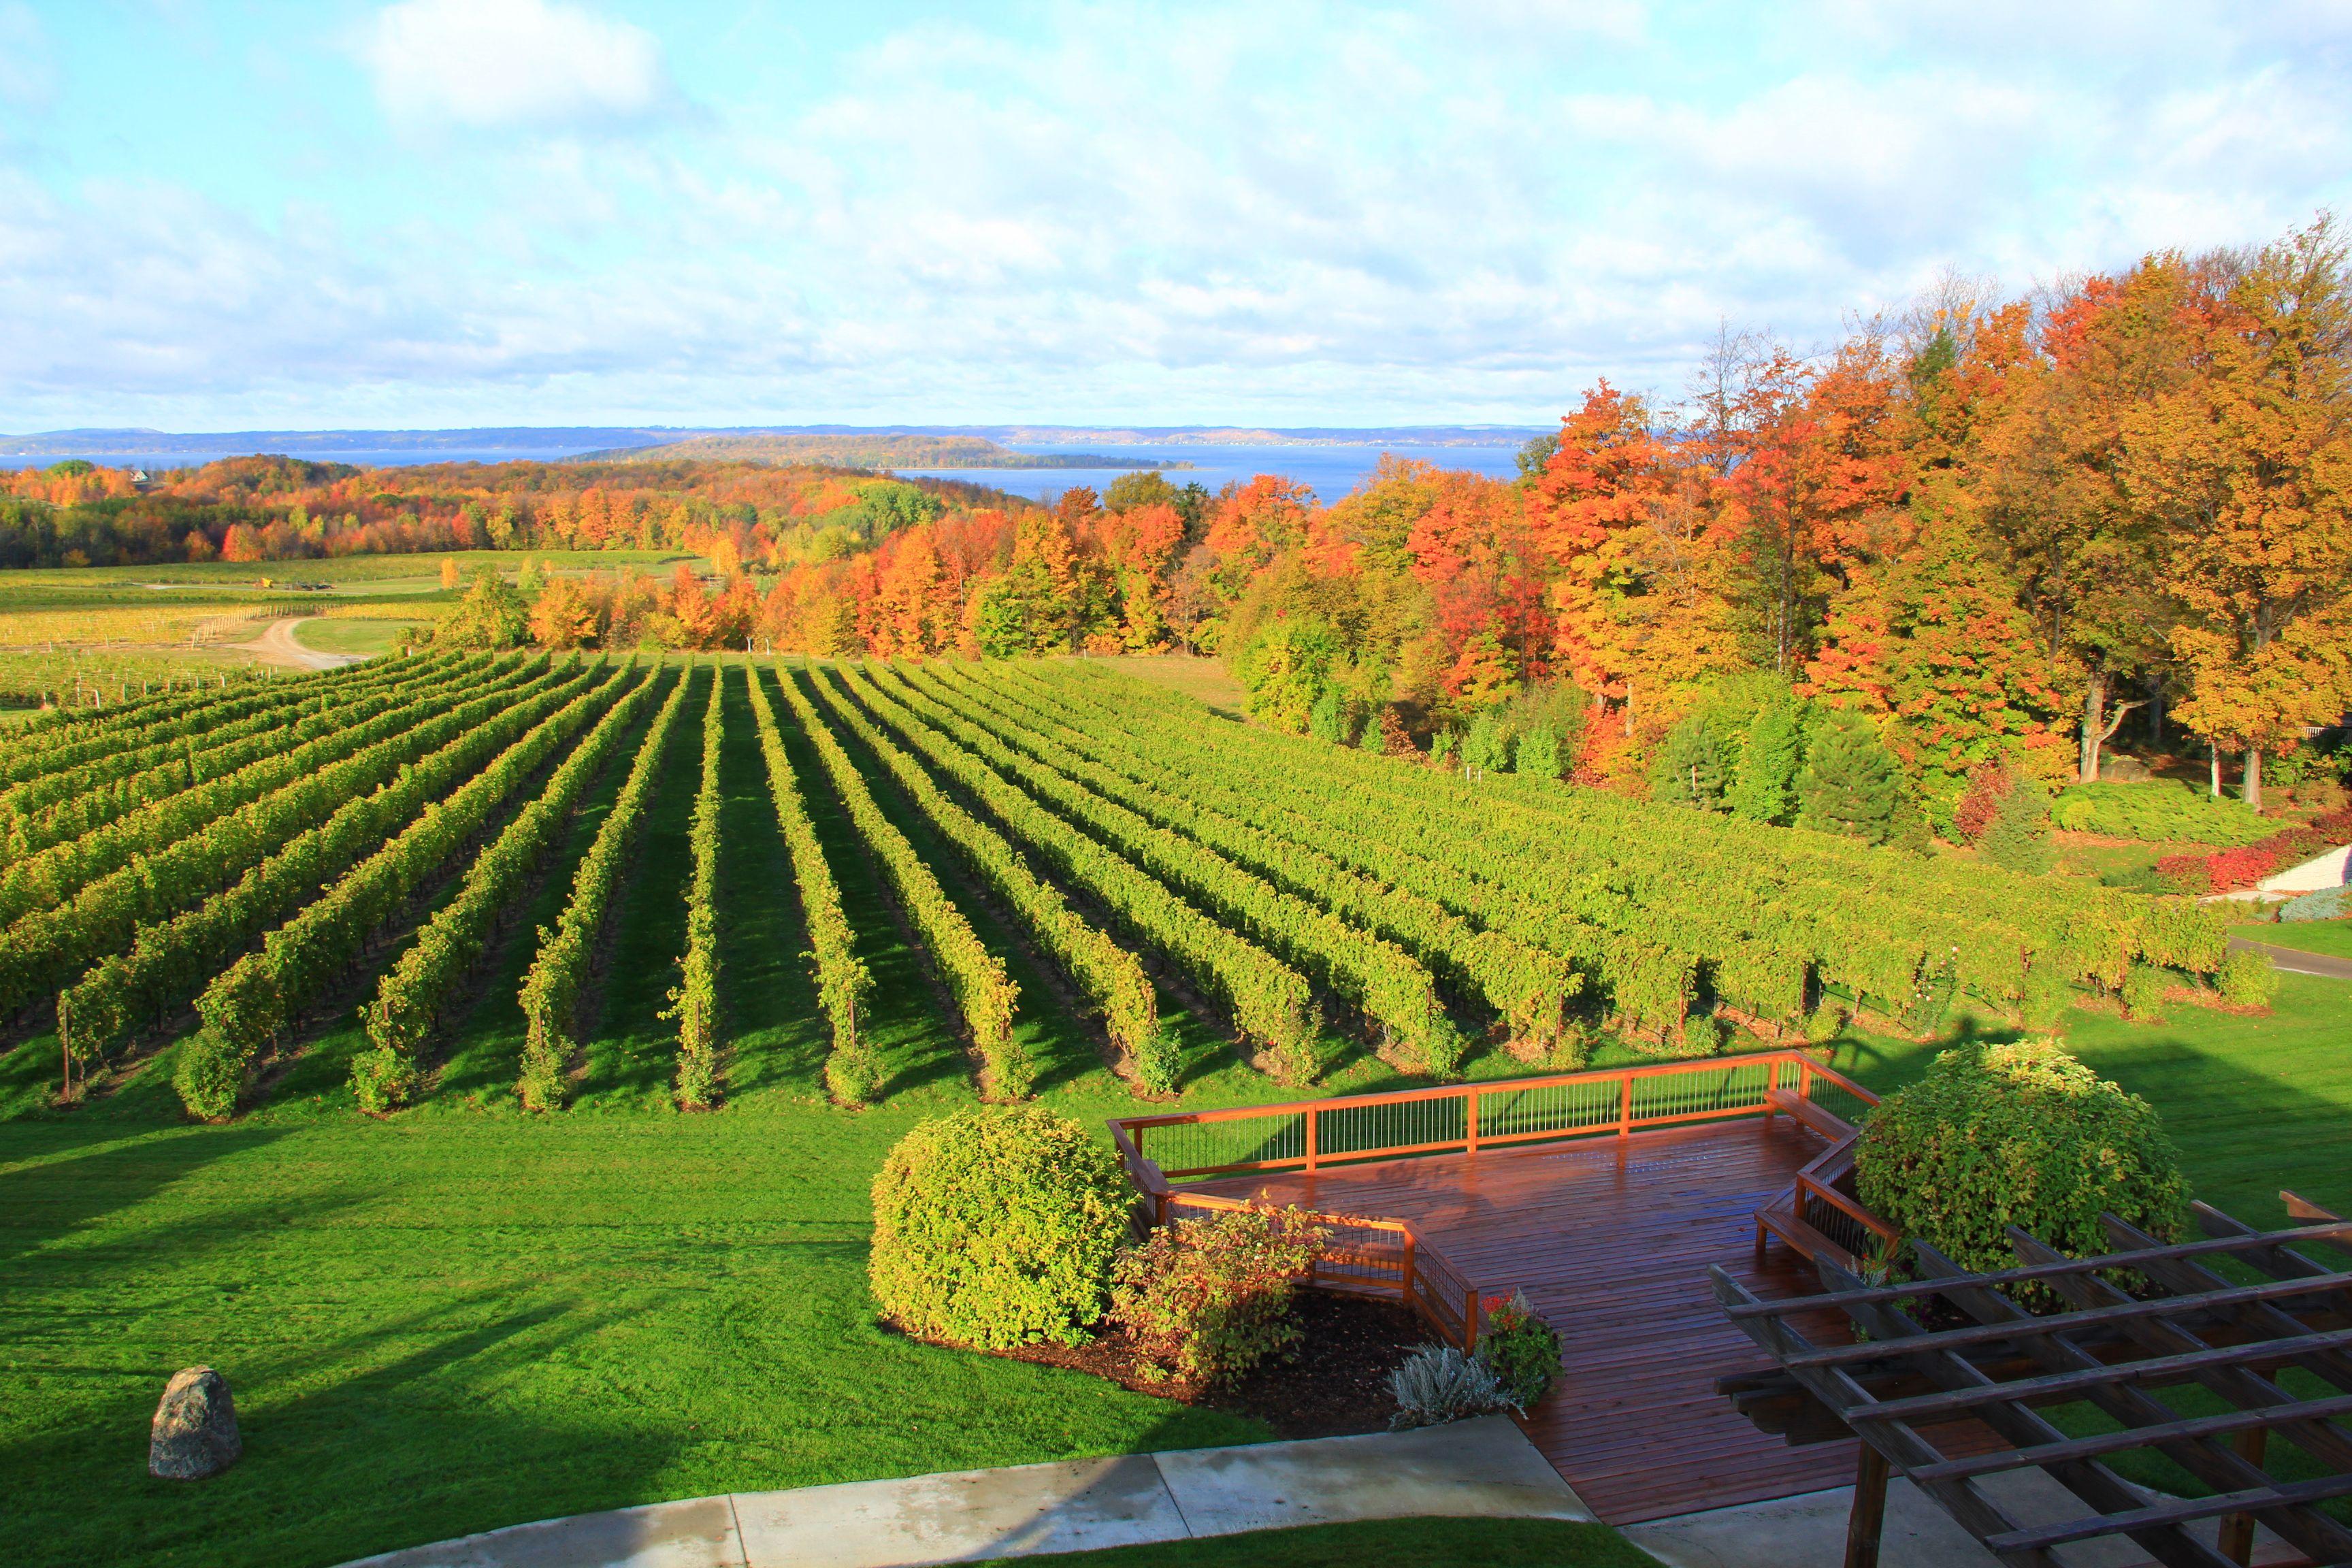 Chateau Grand Traverse Award Winning Michigan Winery Chateau Grand Traverse Wine Tour Beautiful Places